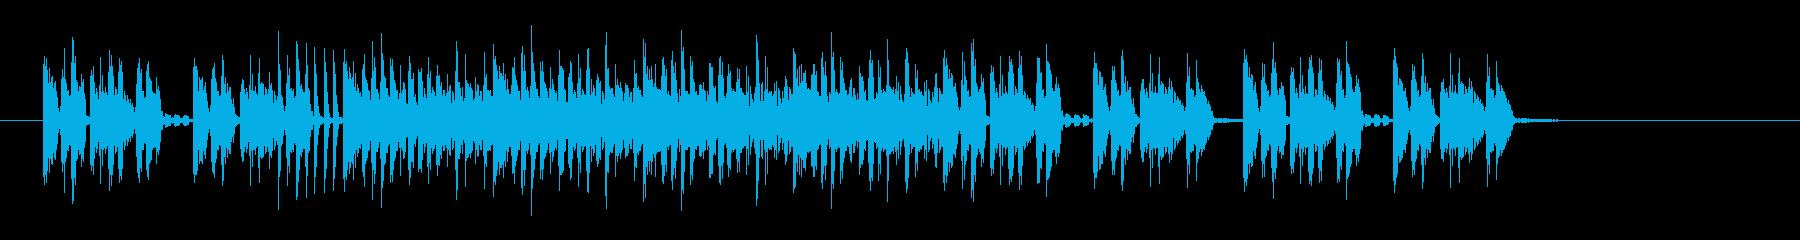 おしゃれな近未来感のあるシンセサウンドの再生済みの波形